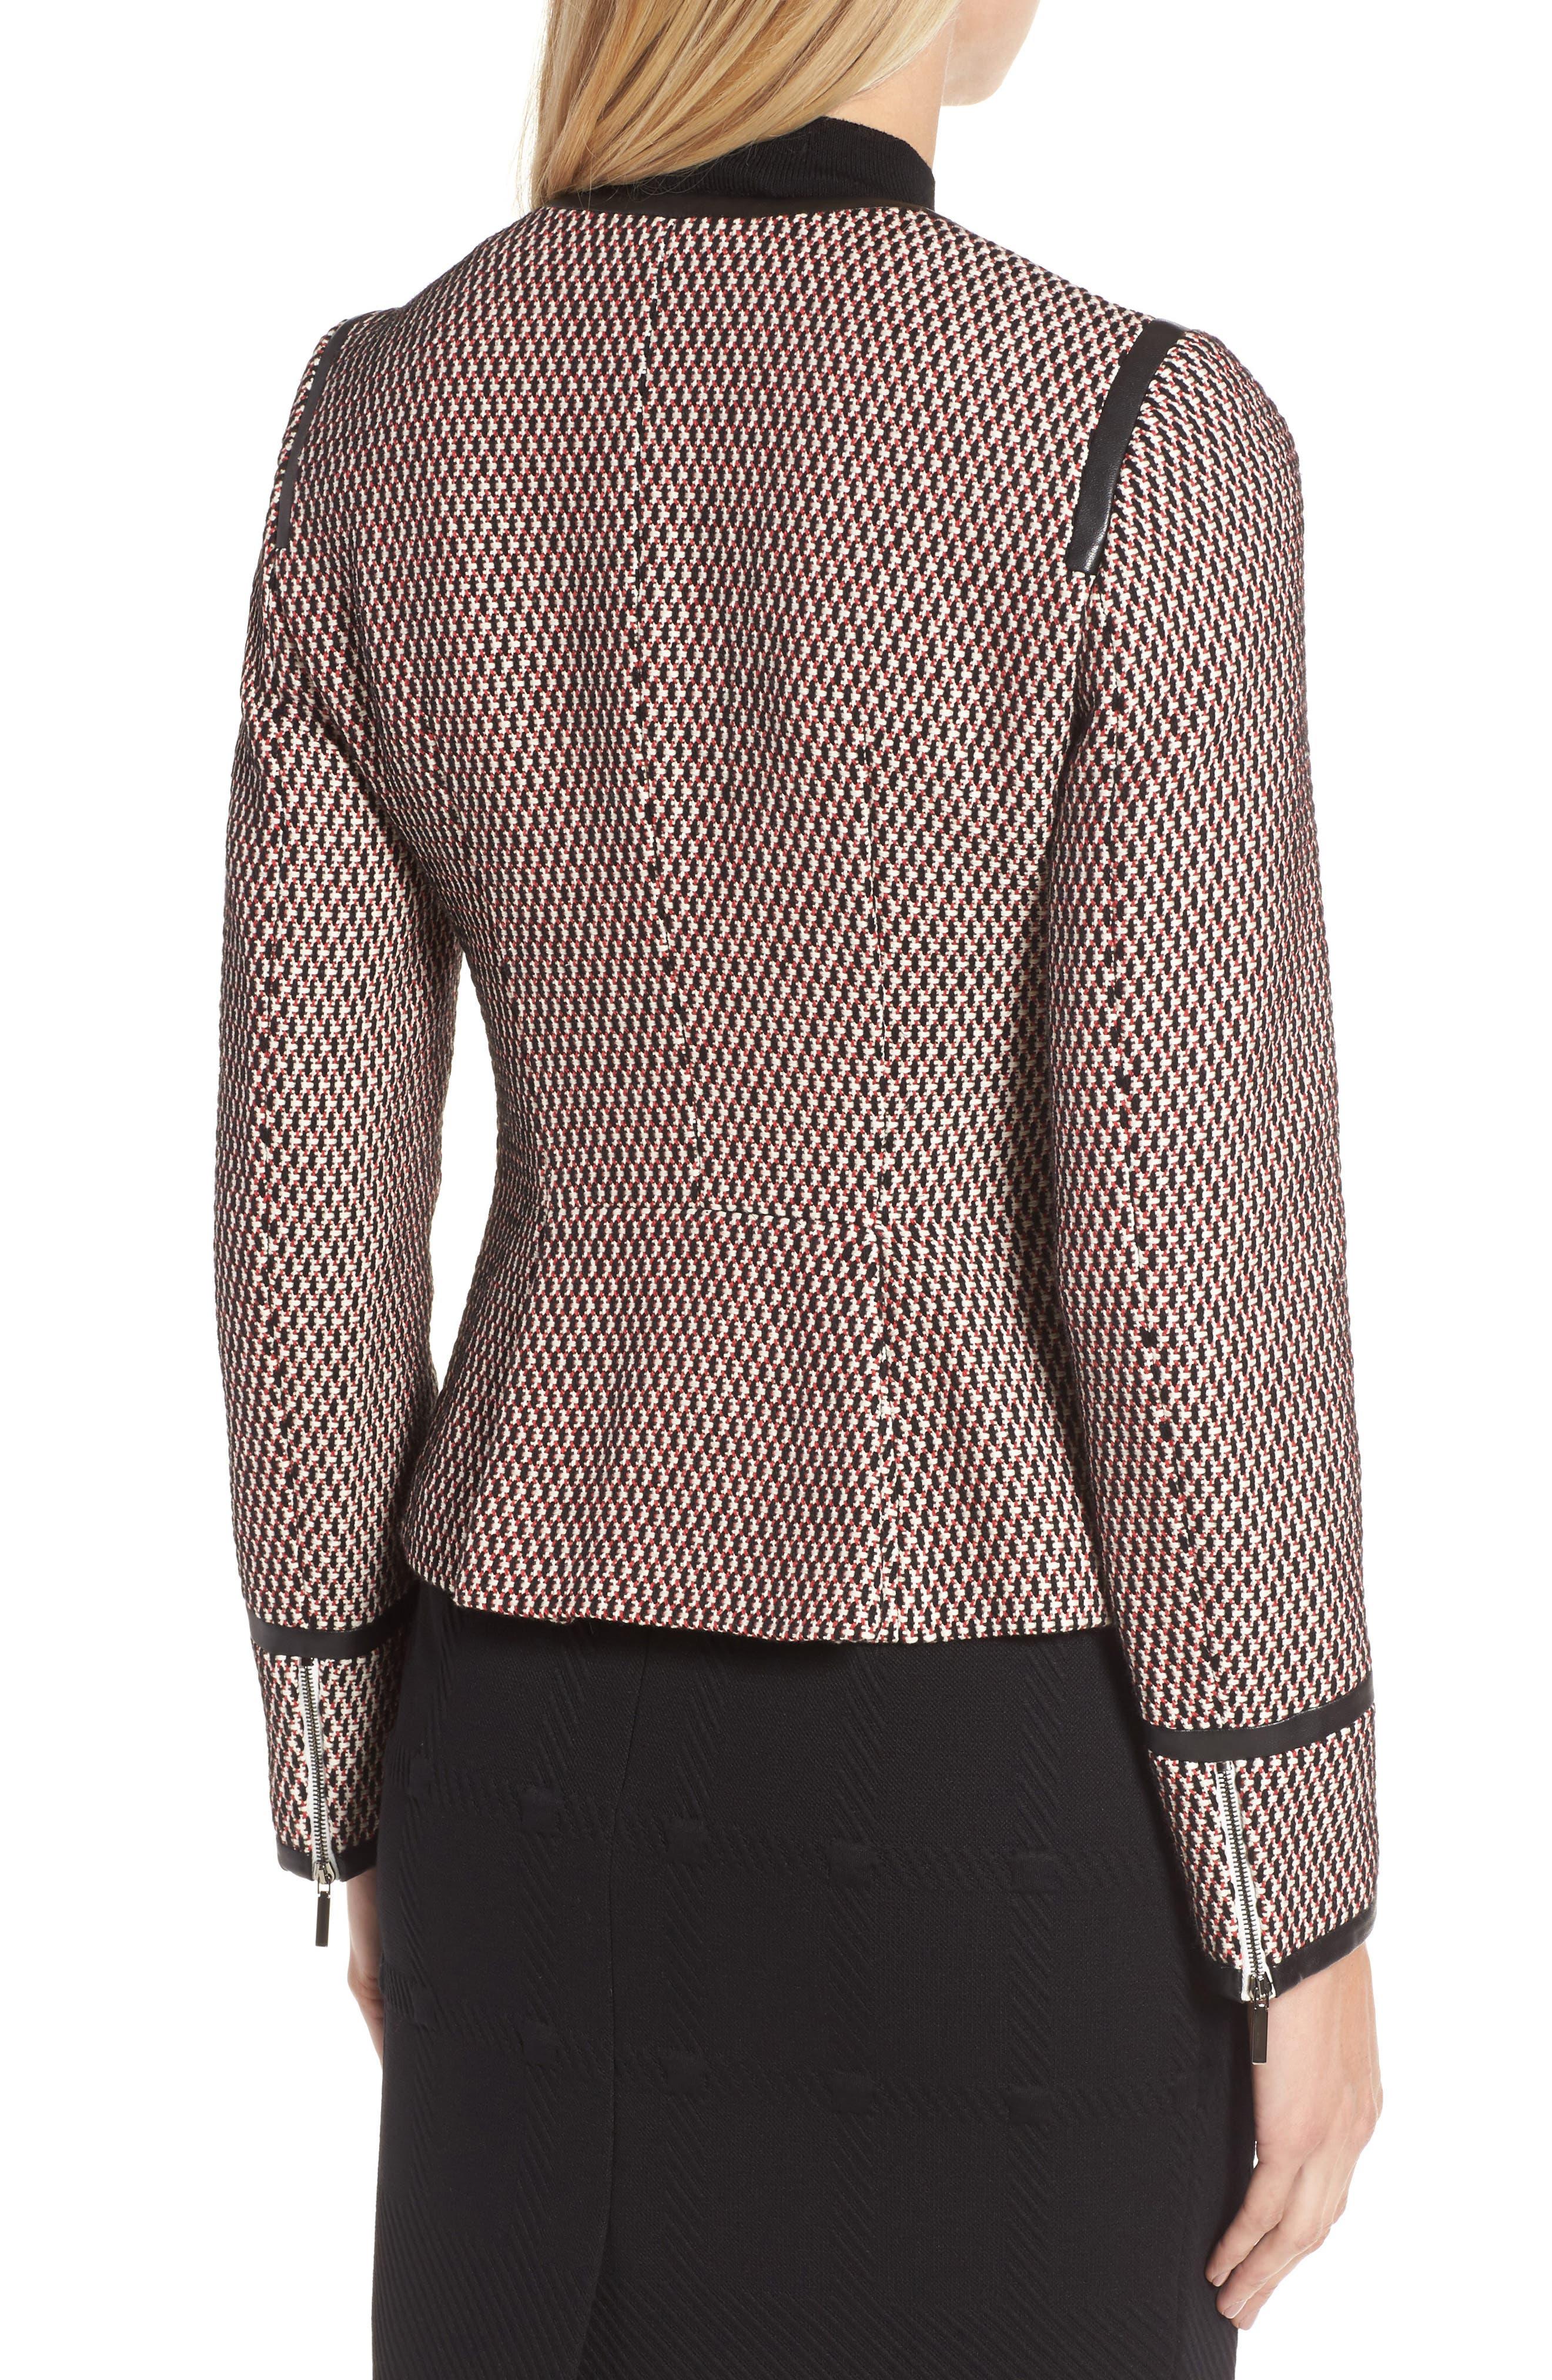 Keili Collarless Tweed Jacket,                             Alternate thumbnail 2, color,                             903